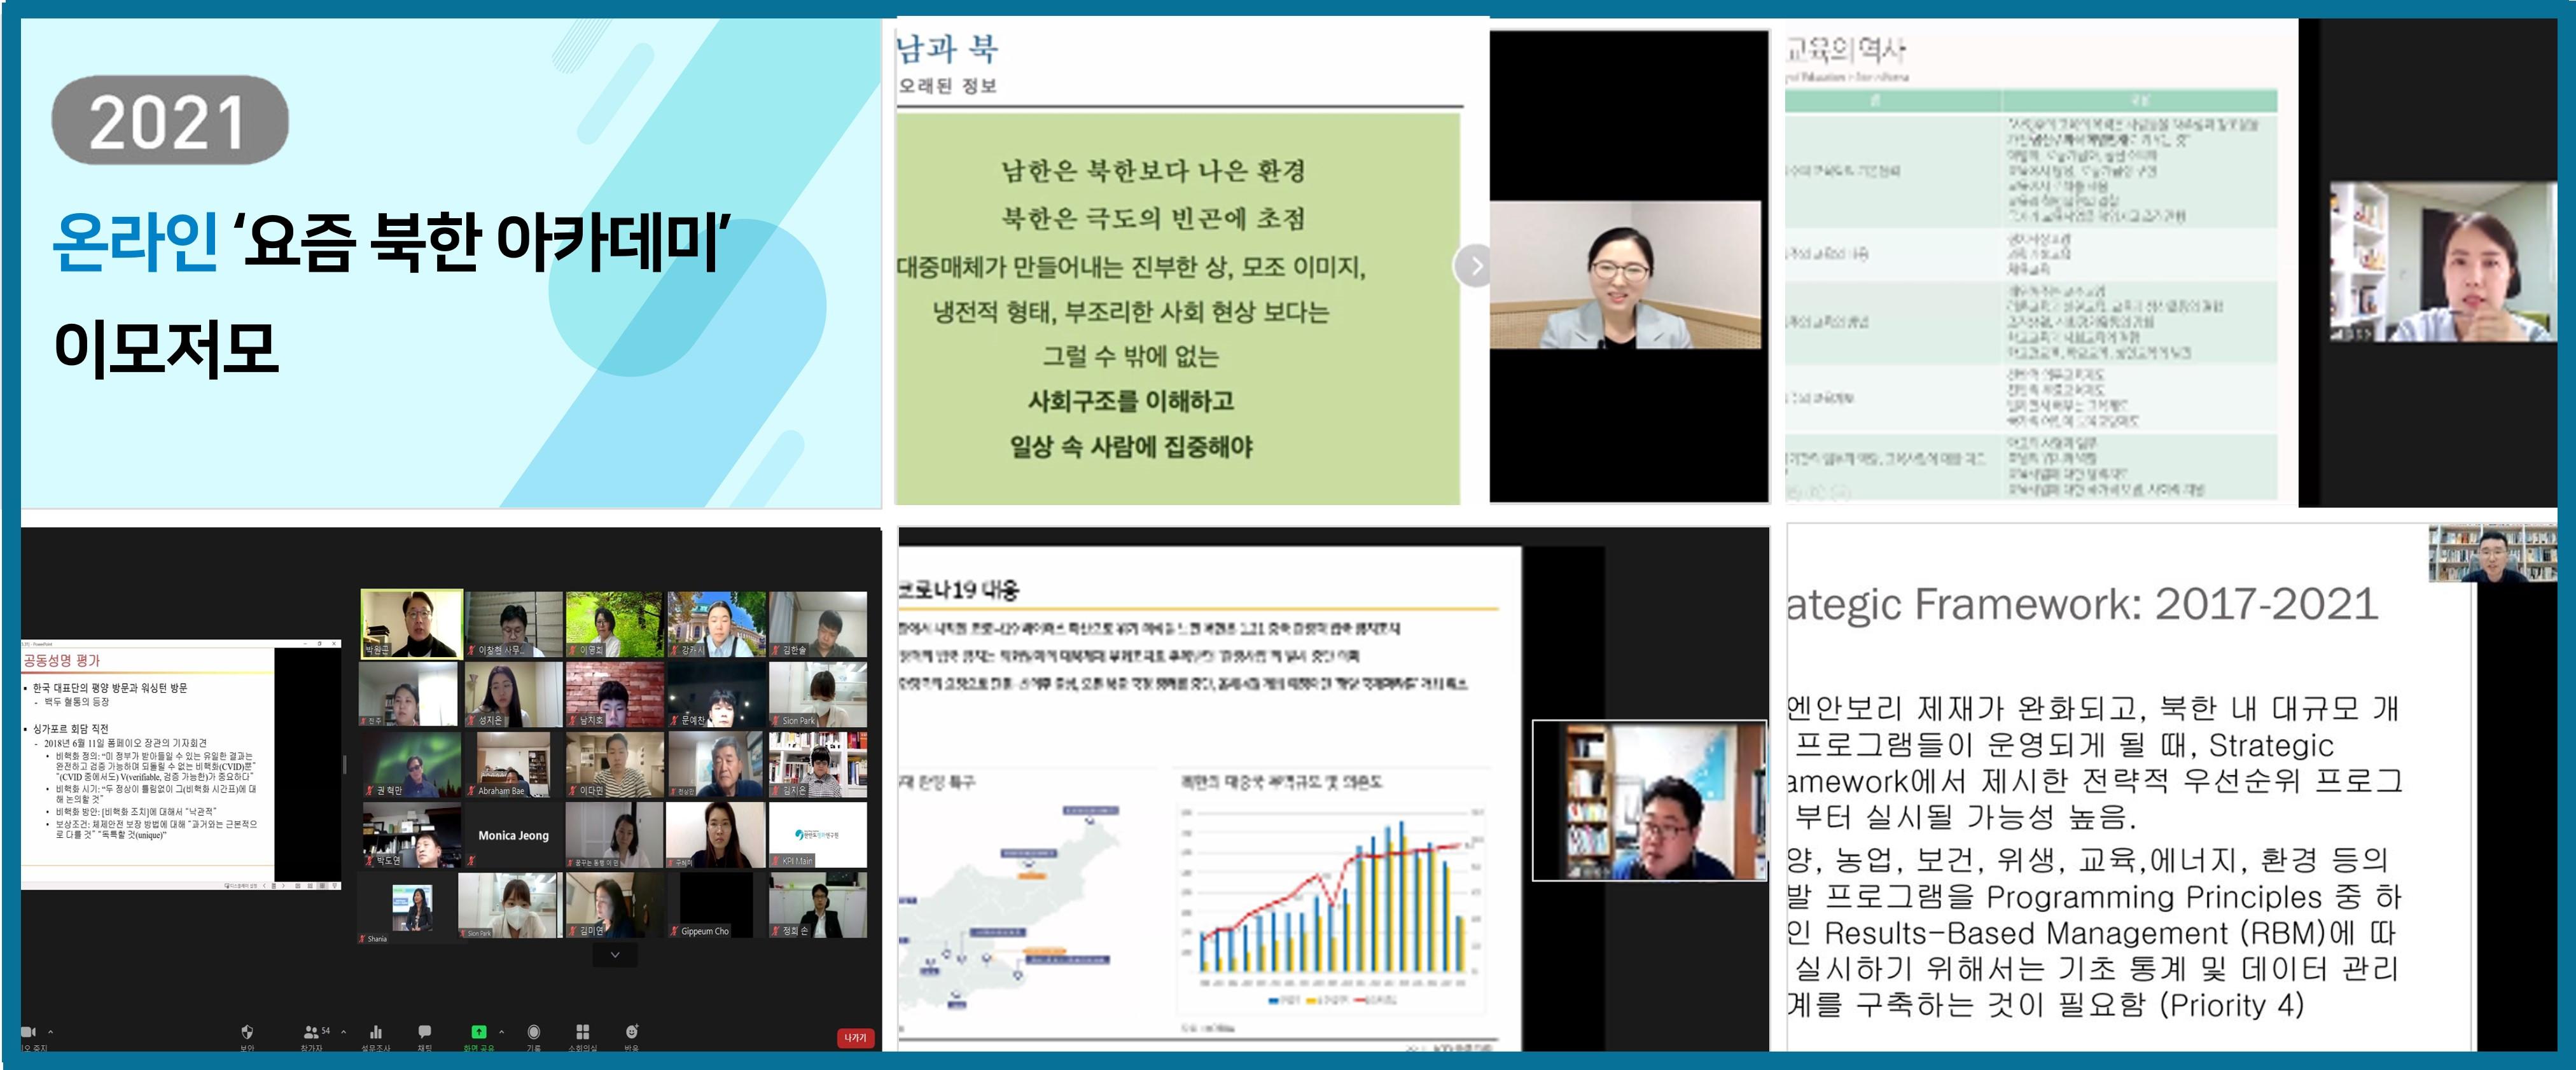 KPI 요즘북한아카데미배너 이미지